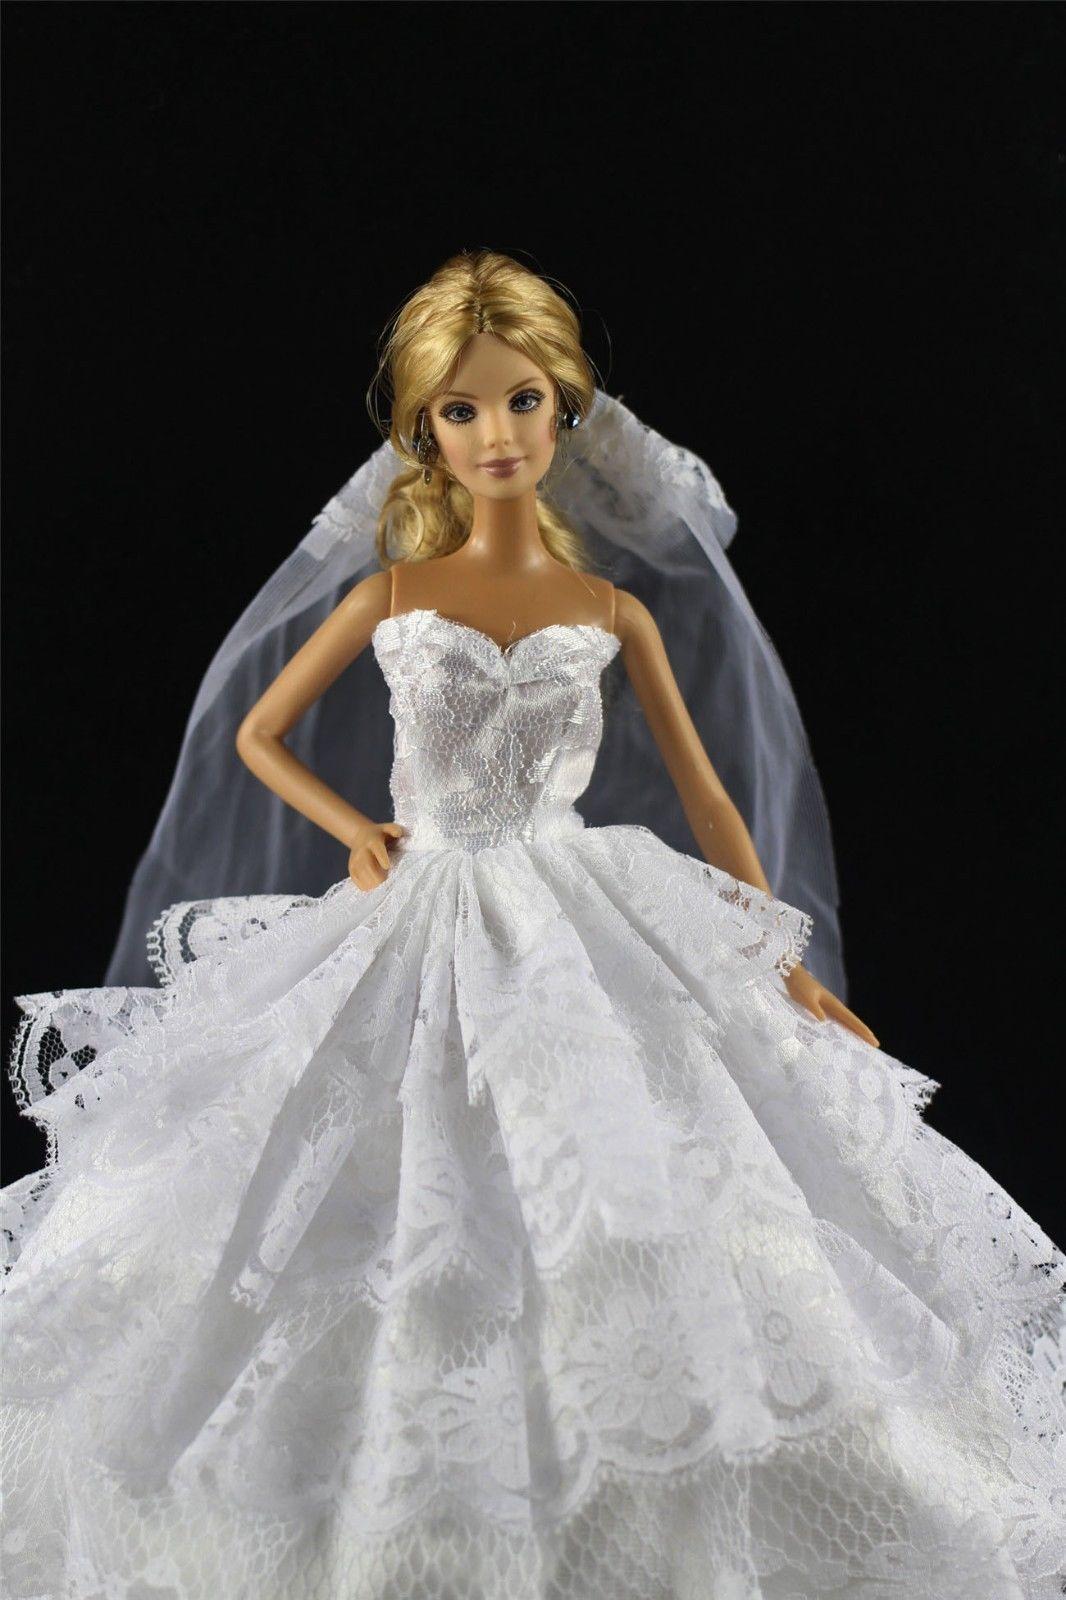 White Fashion Princess Party DressuWedding ClothesGownVeil For